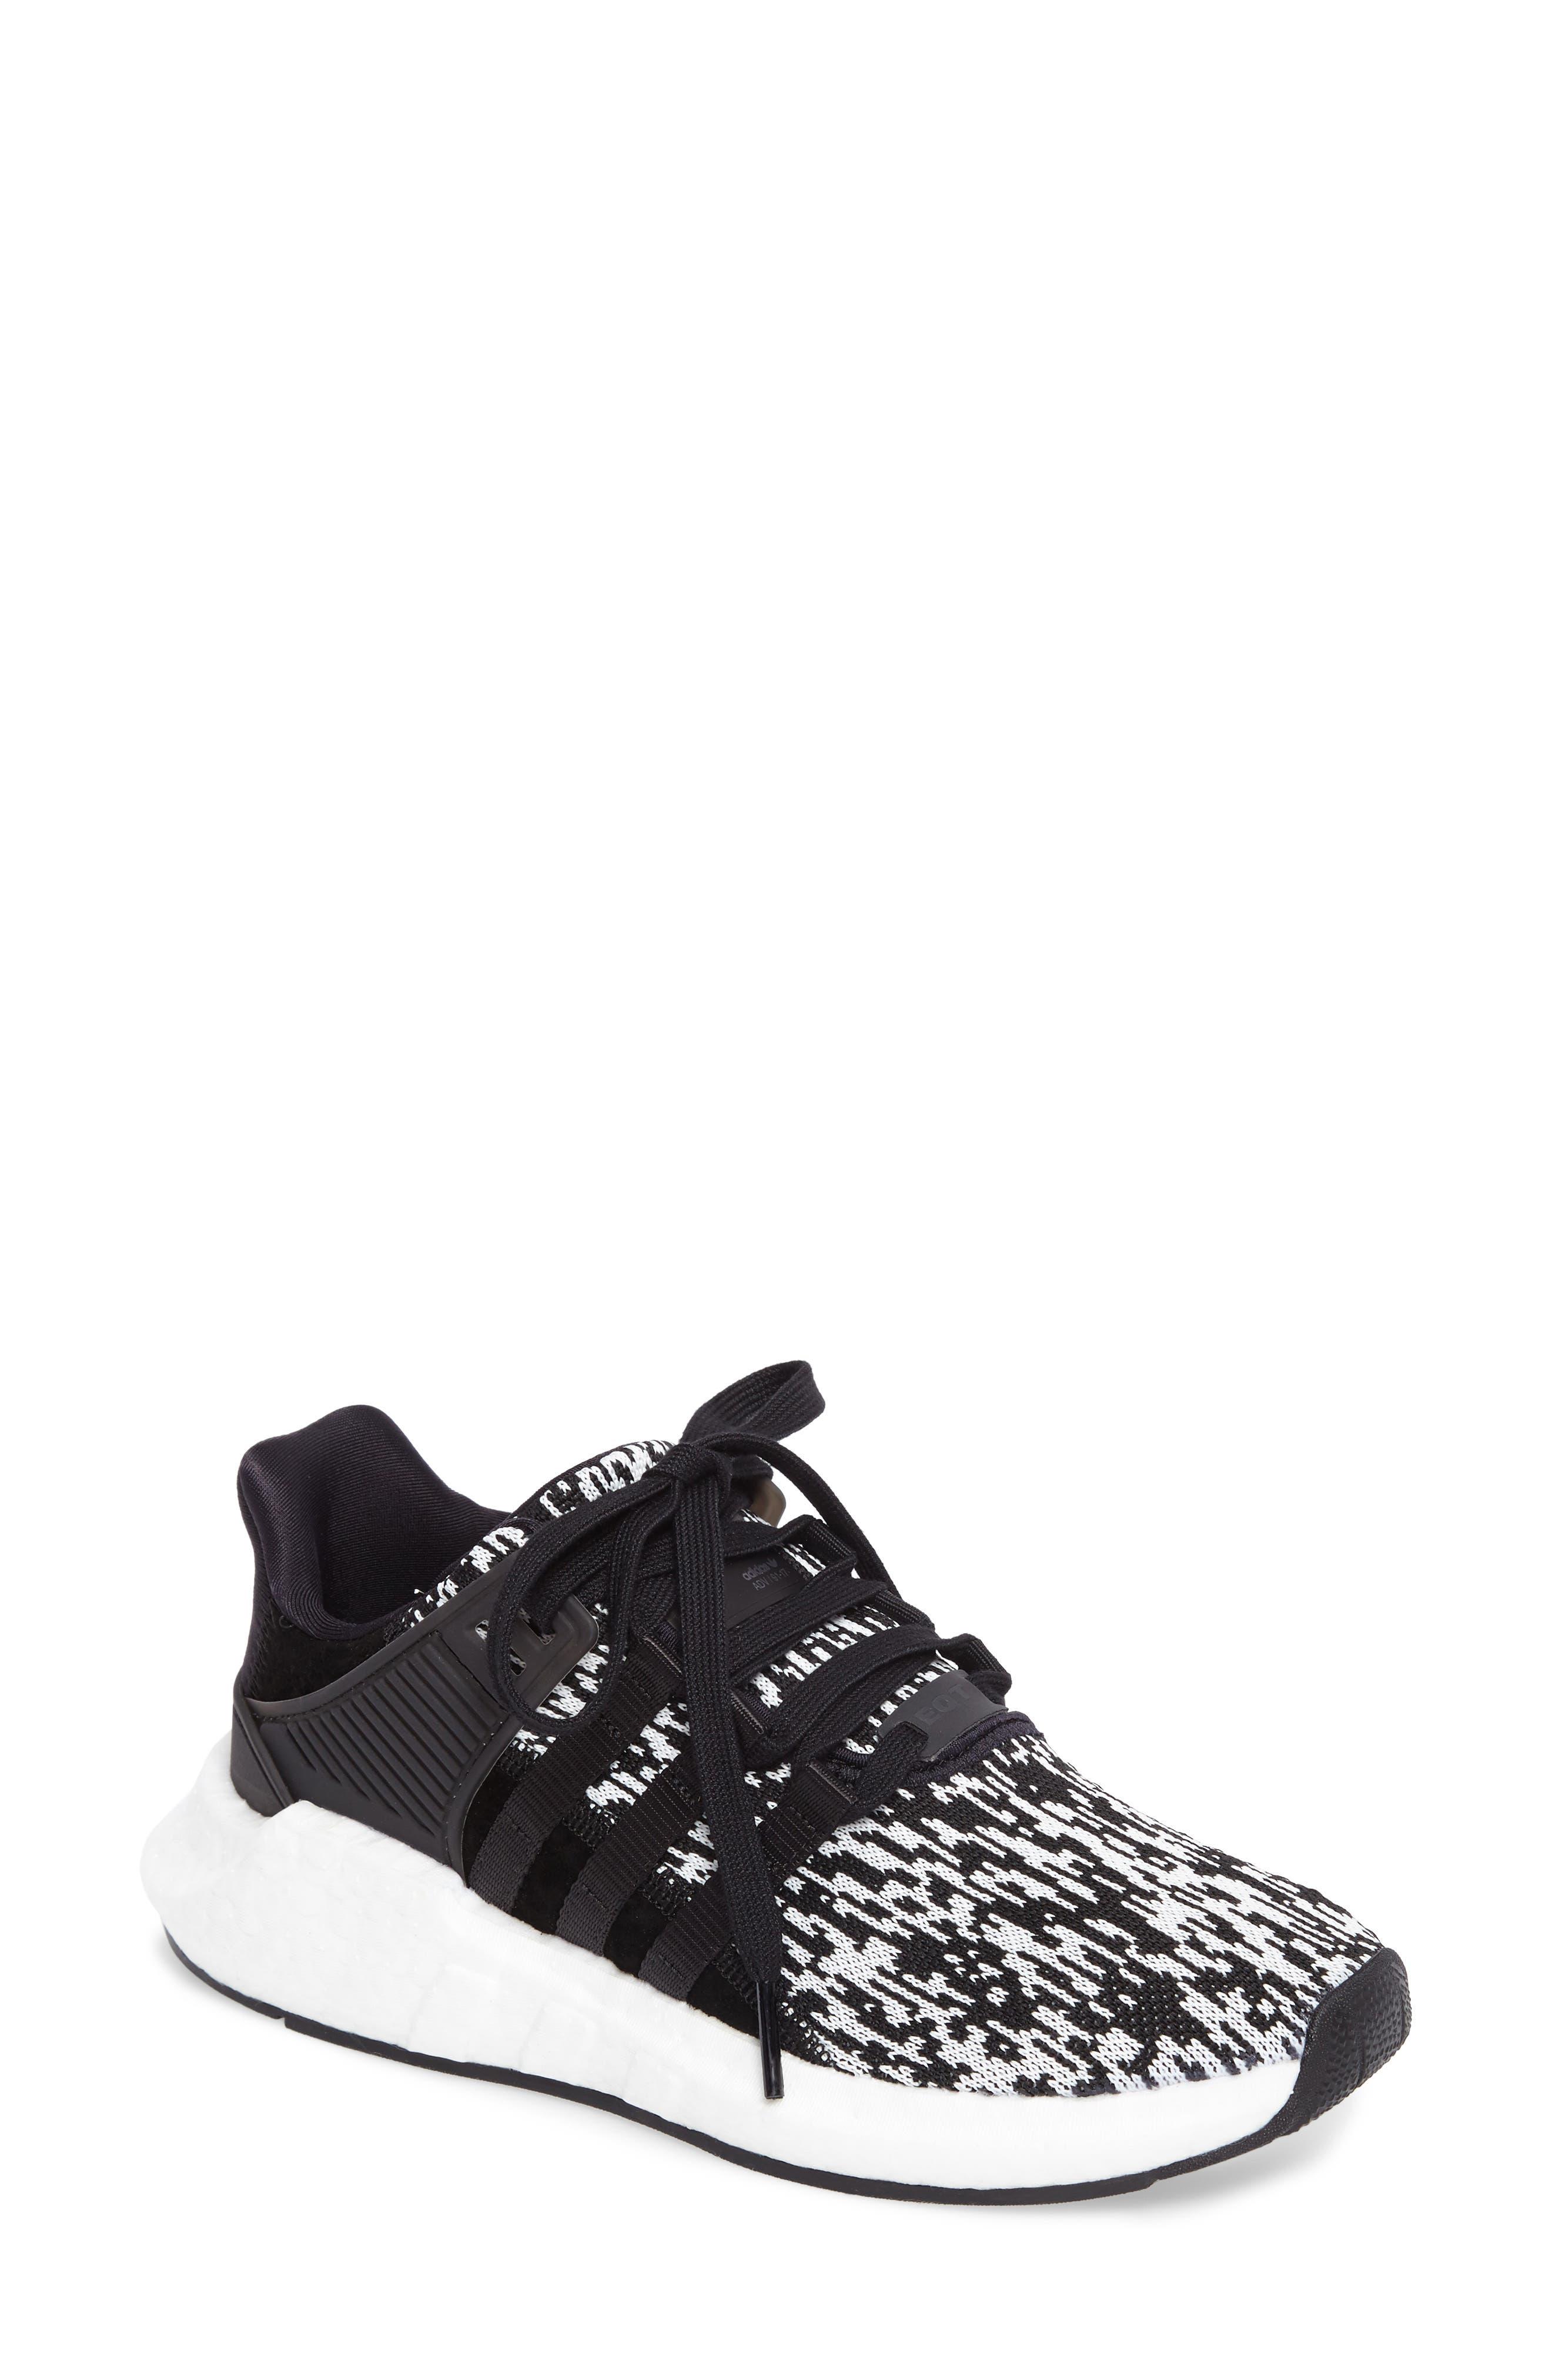 adidas EQT Support 93/17 Sneaker (Women)